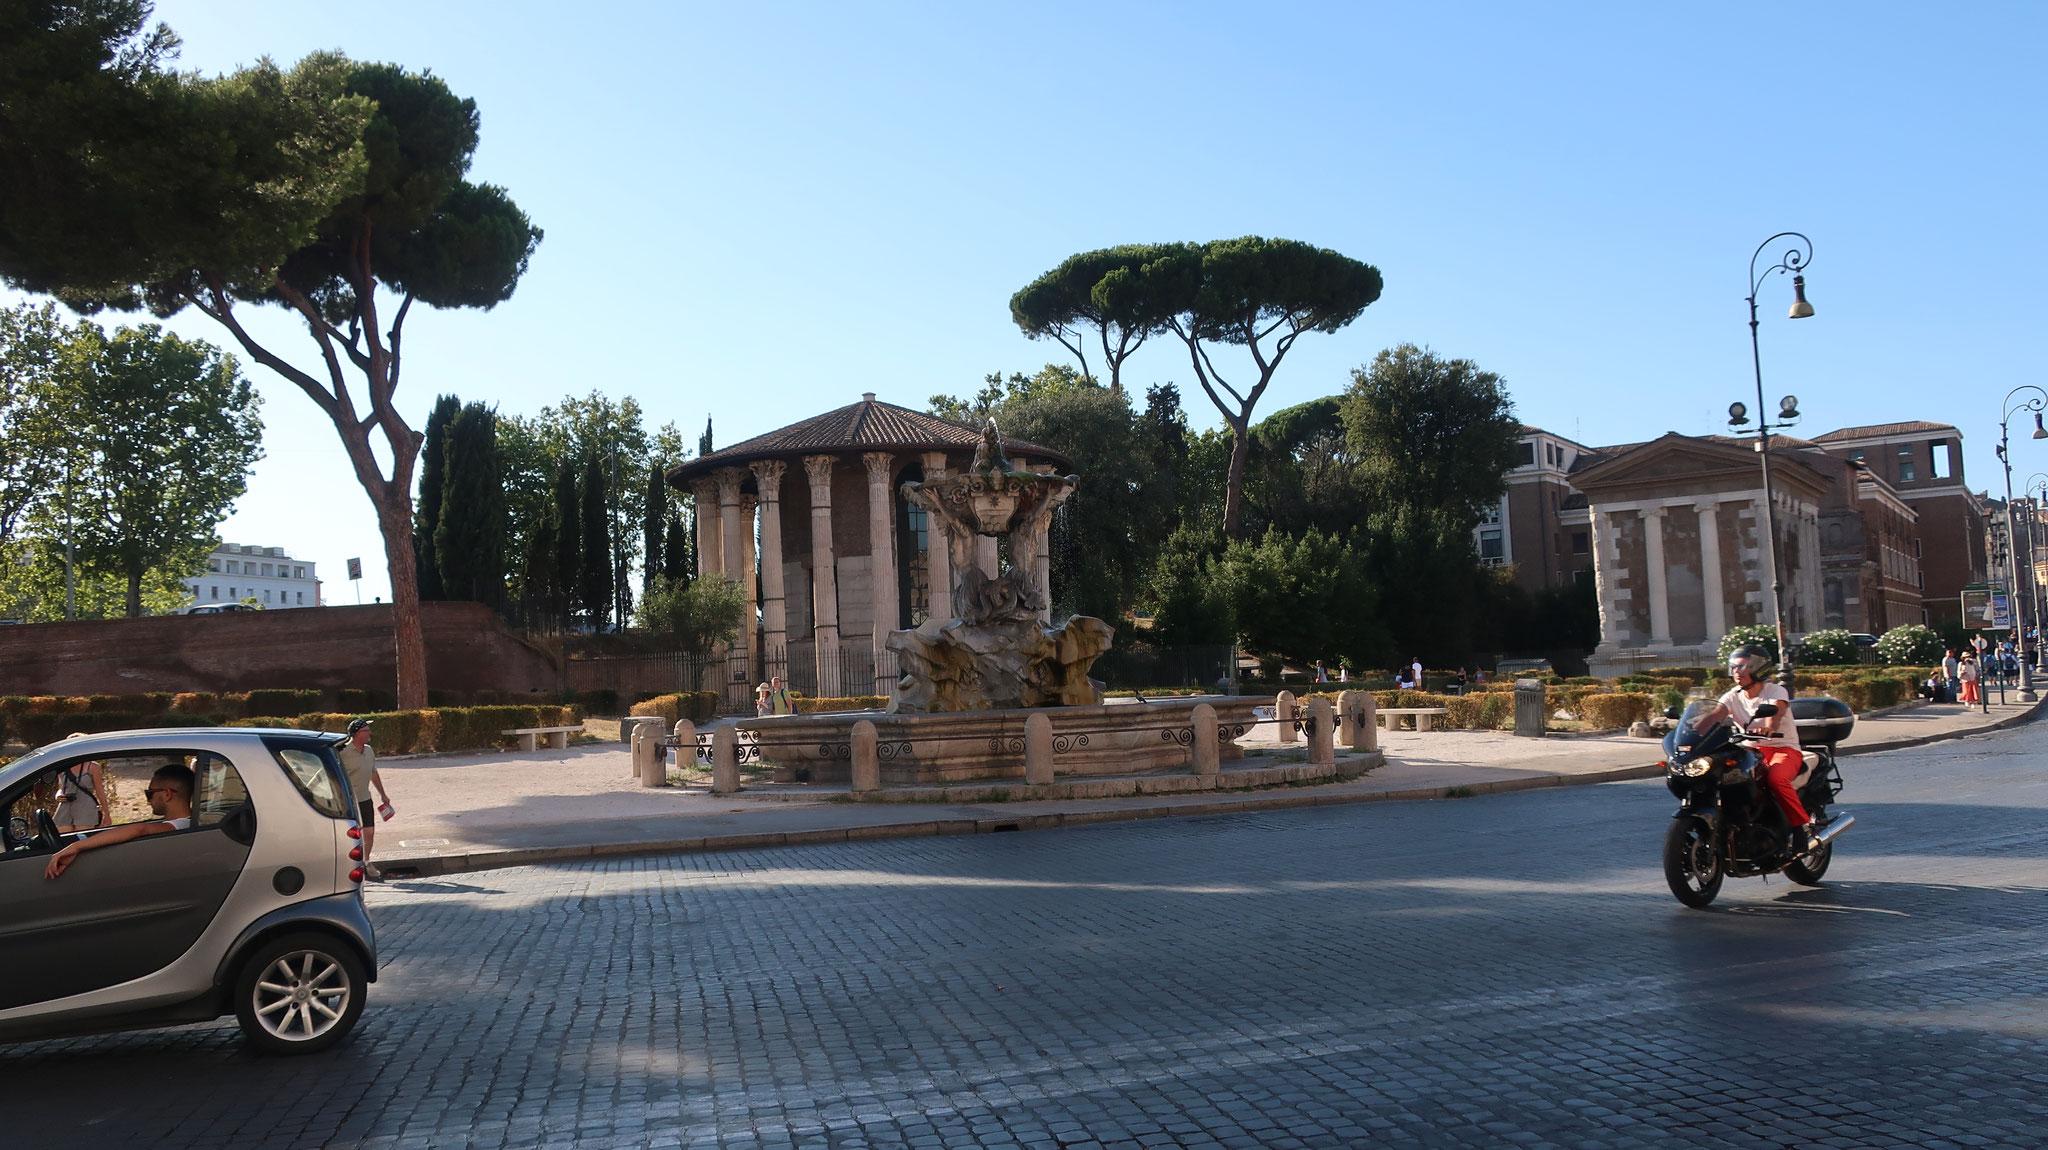 真実の口広場。正面にトリトーンの噴水とヴェスタの神殿、右に フォルトゥーナの神殿。